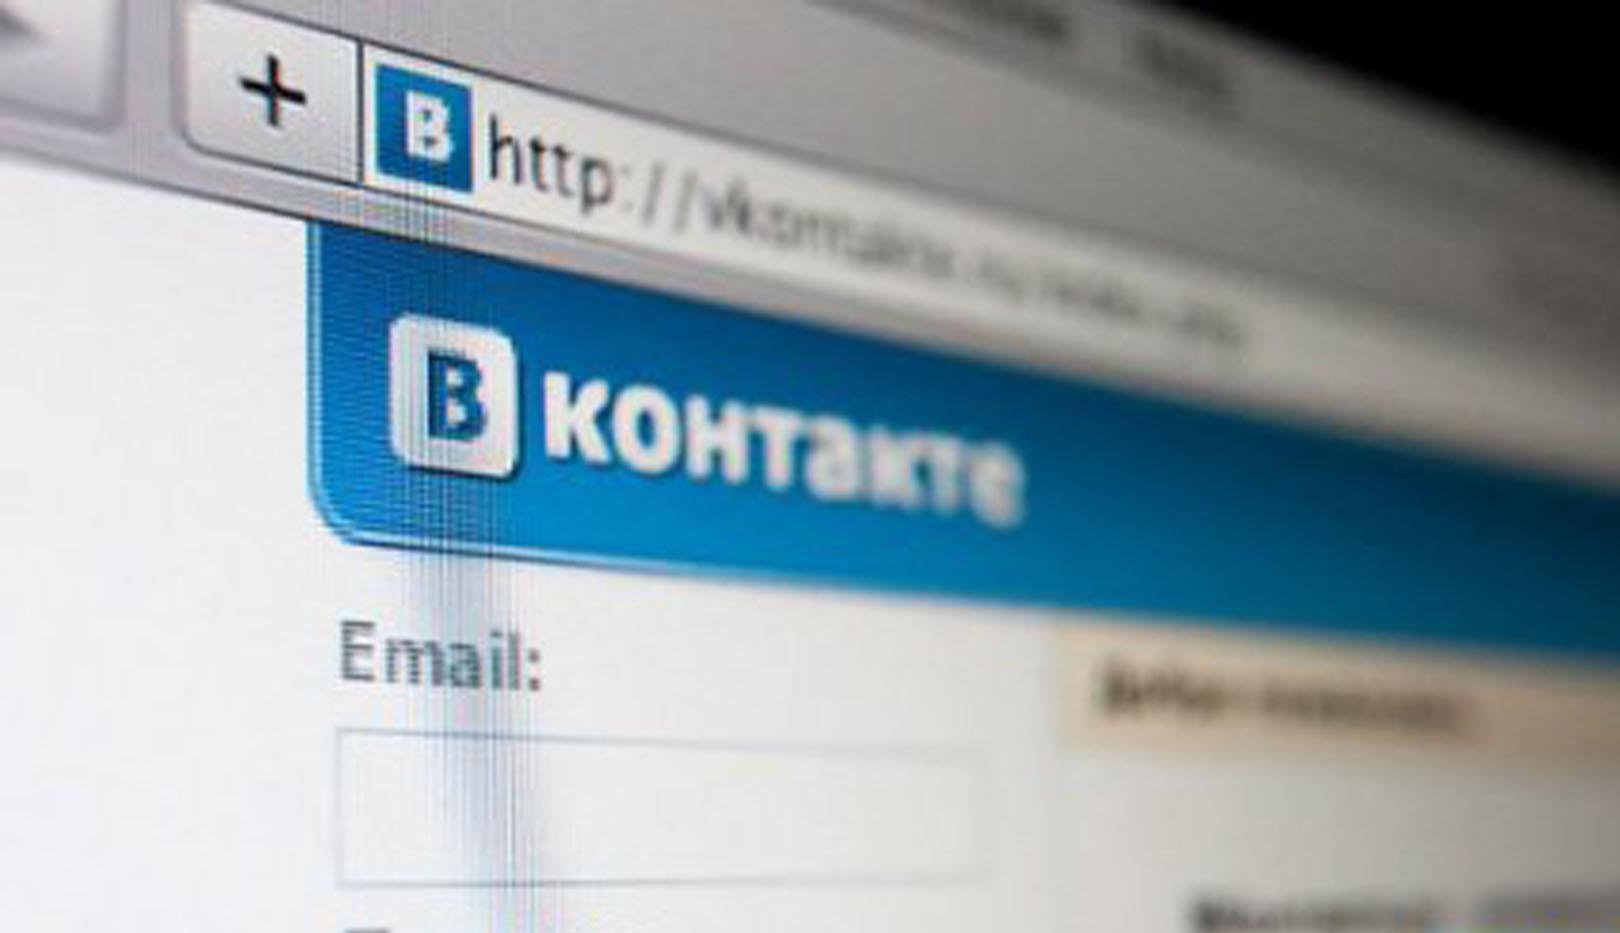 Львовянина посадят на 5 лет из-за распространения сепаратизма в социальной сети